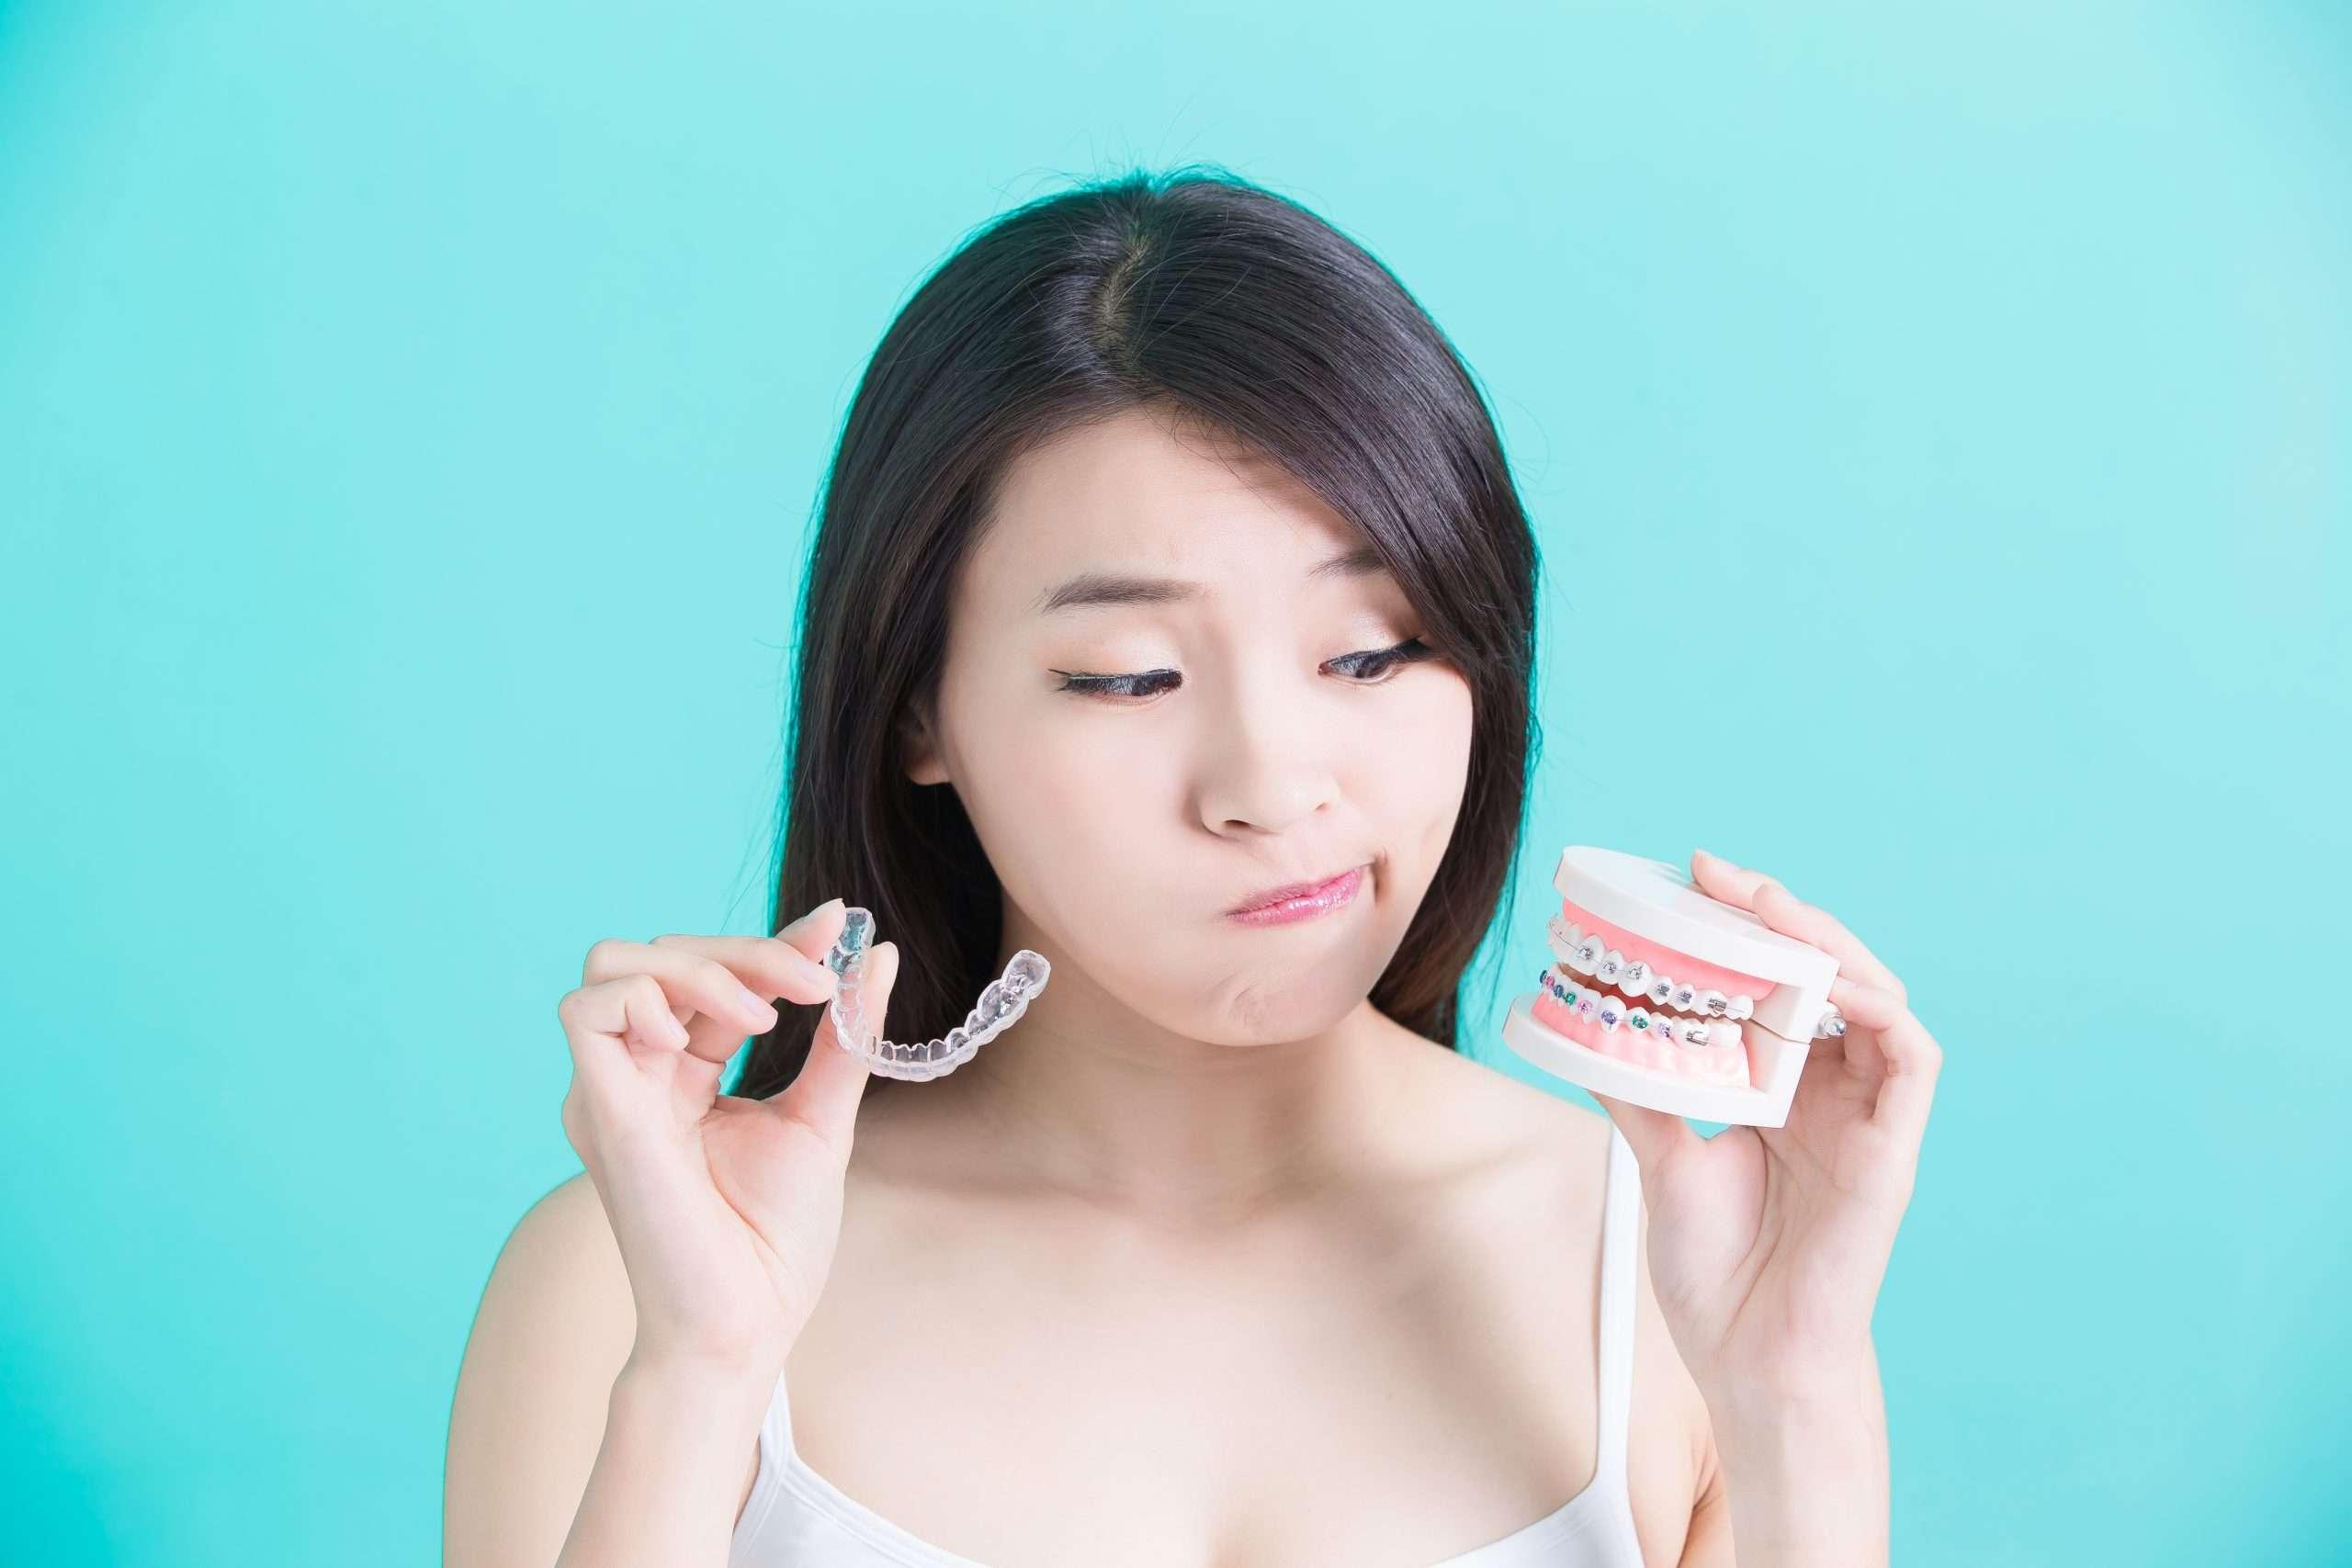 invisalign-braces-merrylands-guildford-dentist